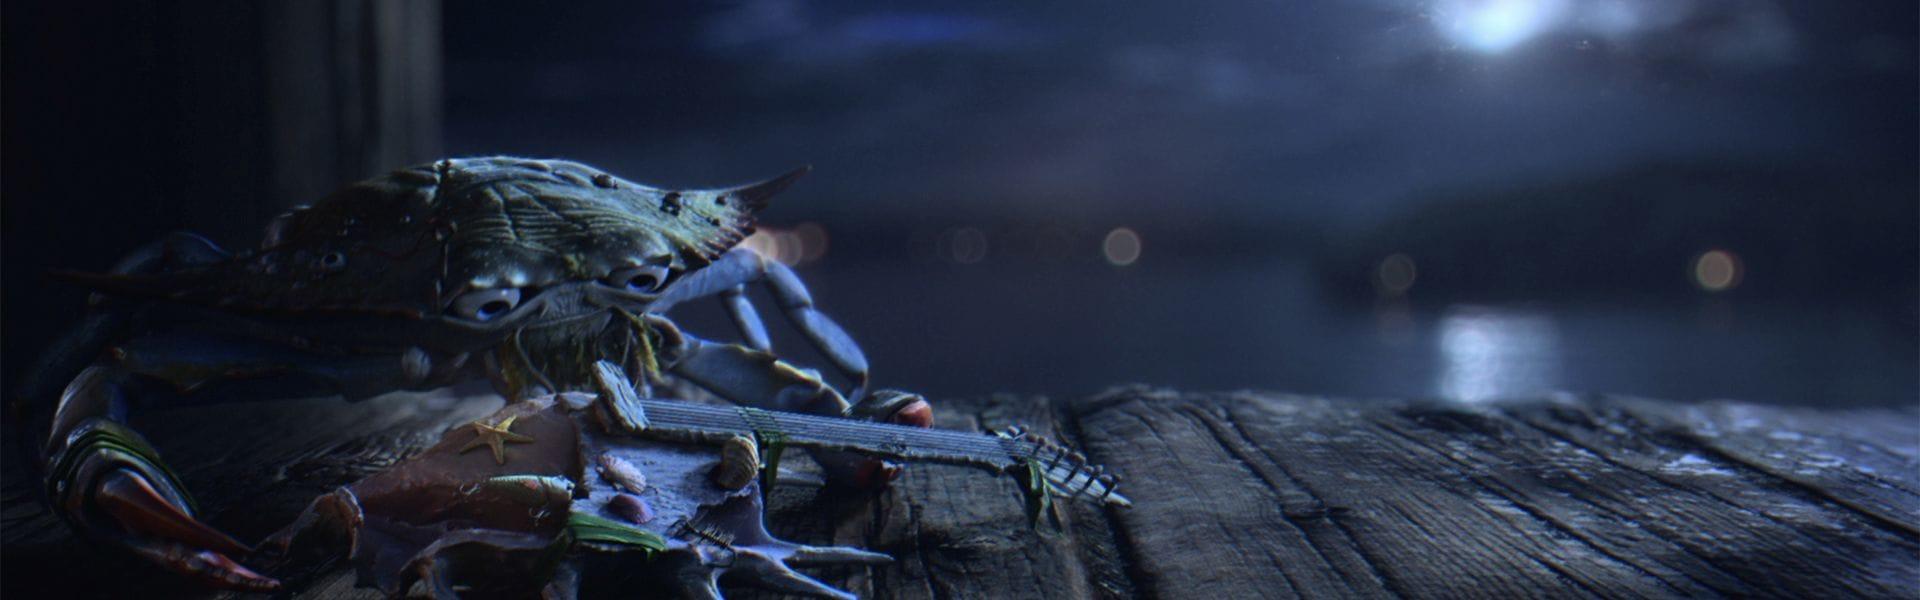 Curv Studios The Blues Crab